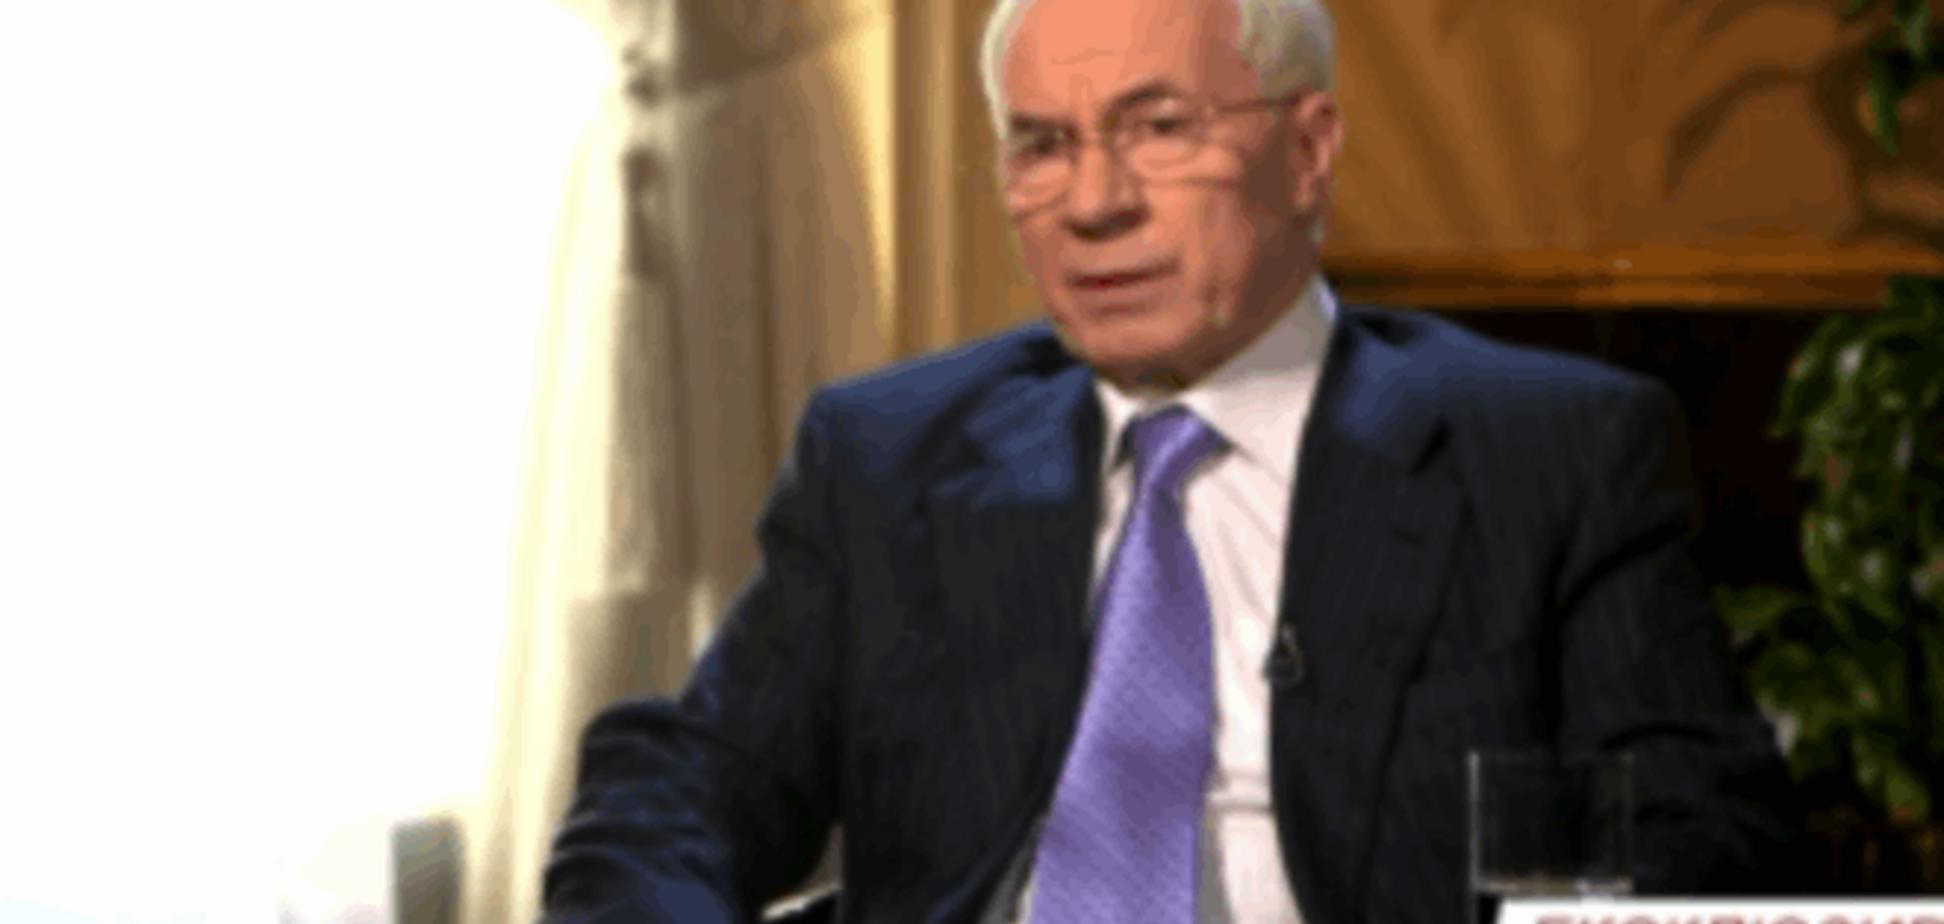 Проти каналу, який показав інтерв'ю з втікачем Азаровим, розпочато розслідування